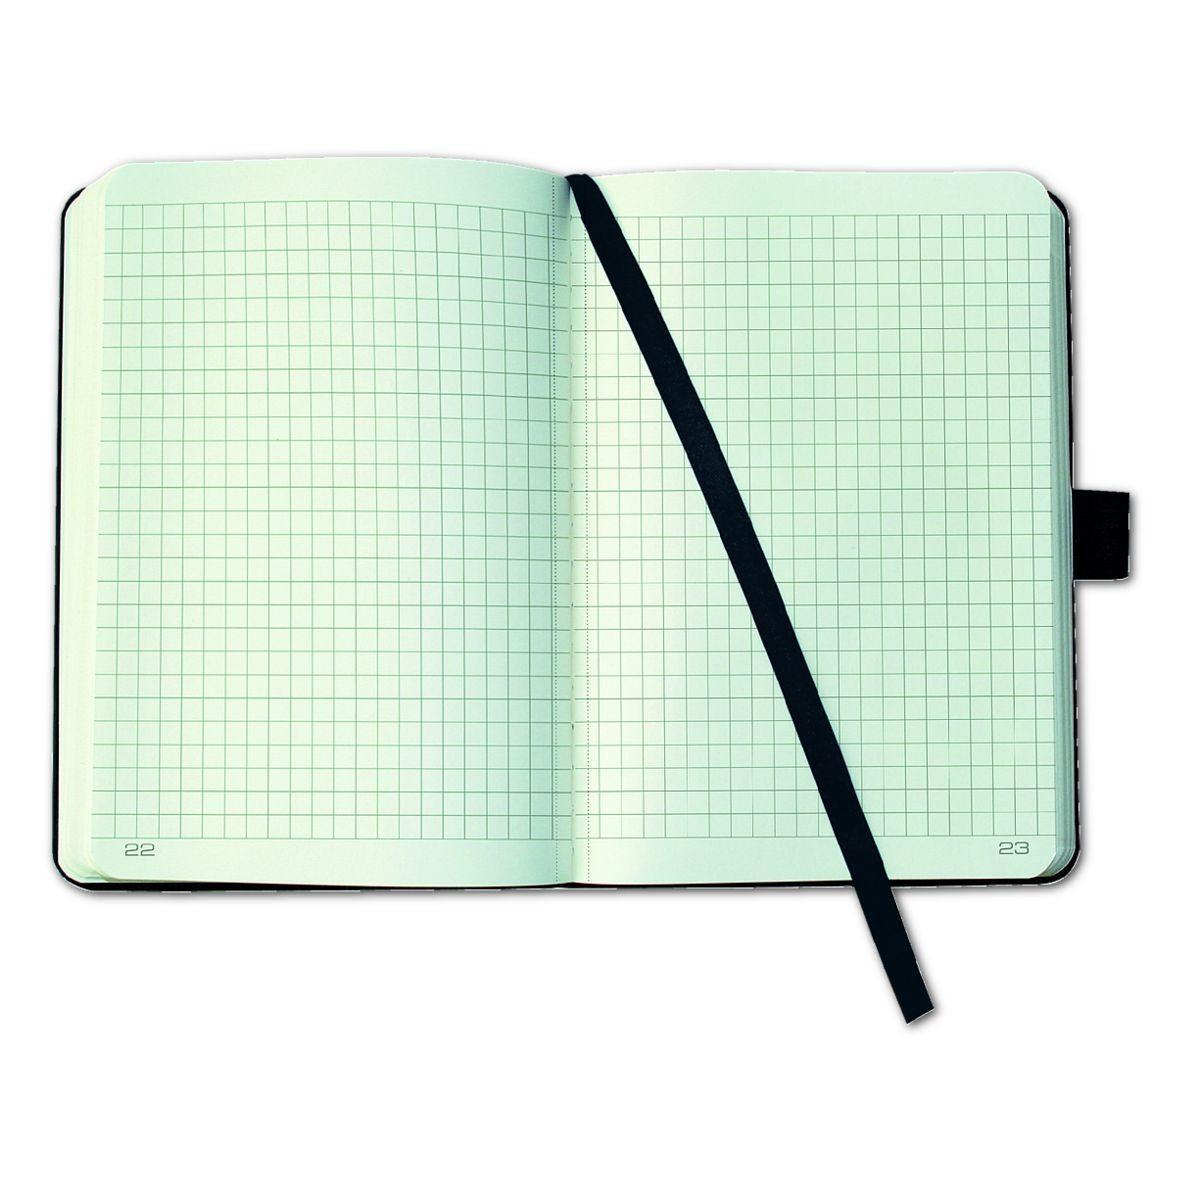 Sigel Notizbuch CO111 A4 kariert - 194 Seiten »Conceptum«